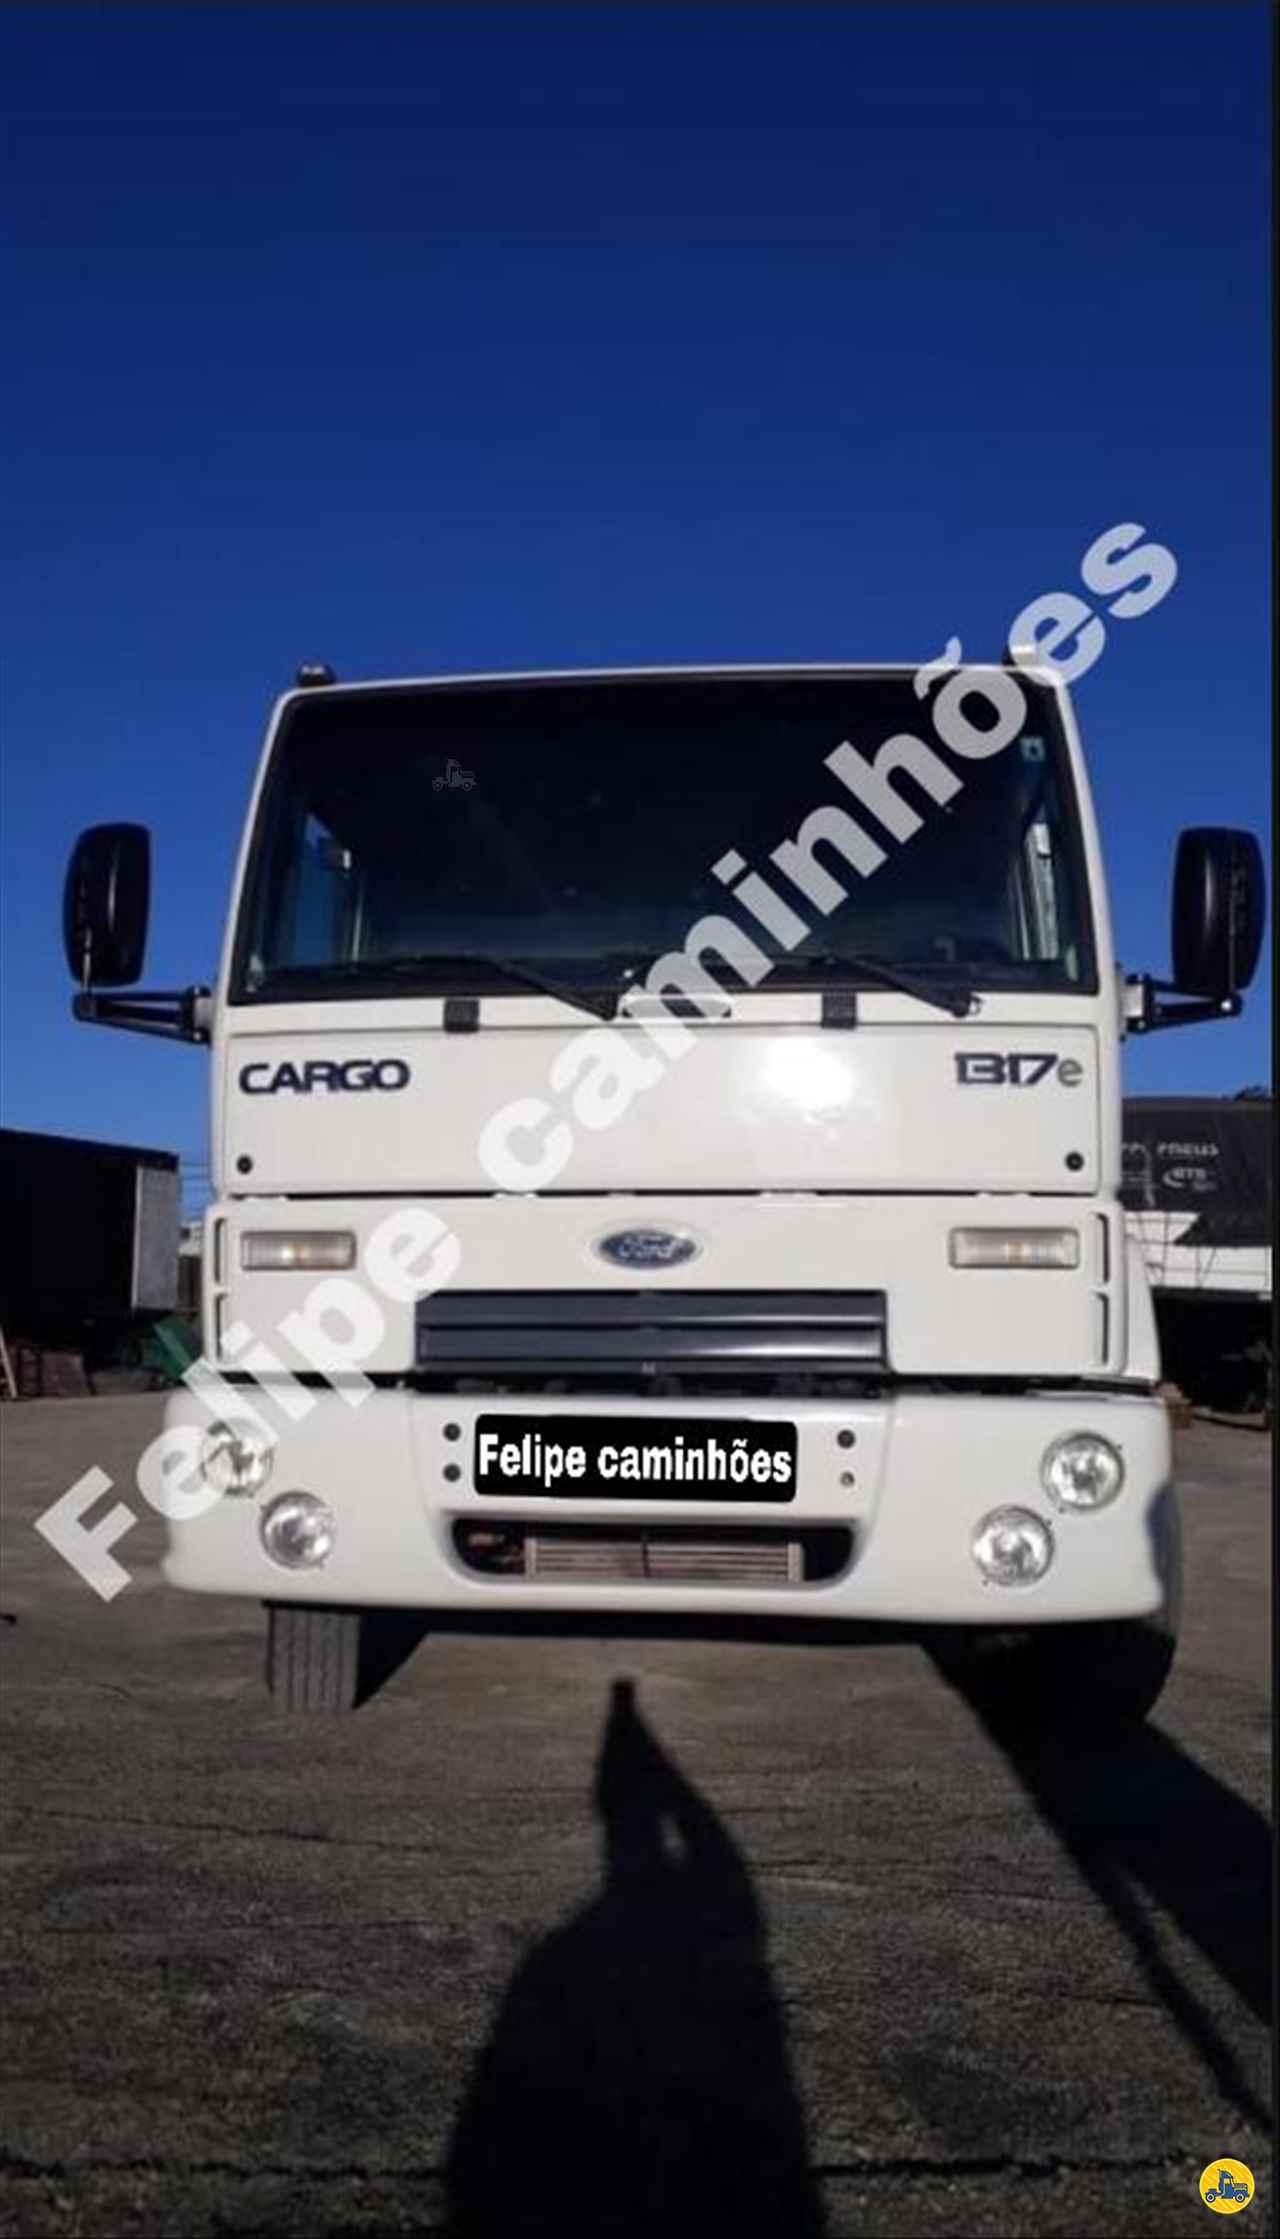 CAMINHAO FORD CARGO 1317 Graneleiro Toco 4x2 Felipe Caminhões LAGES SANTA CATARINA SC